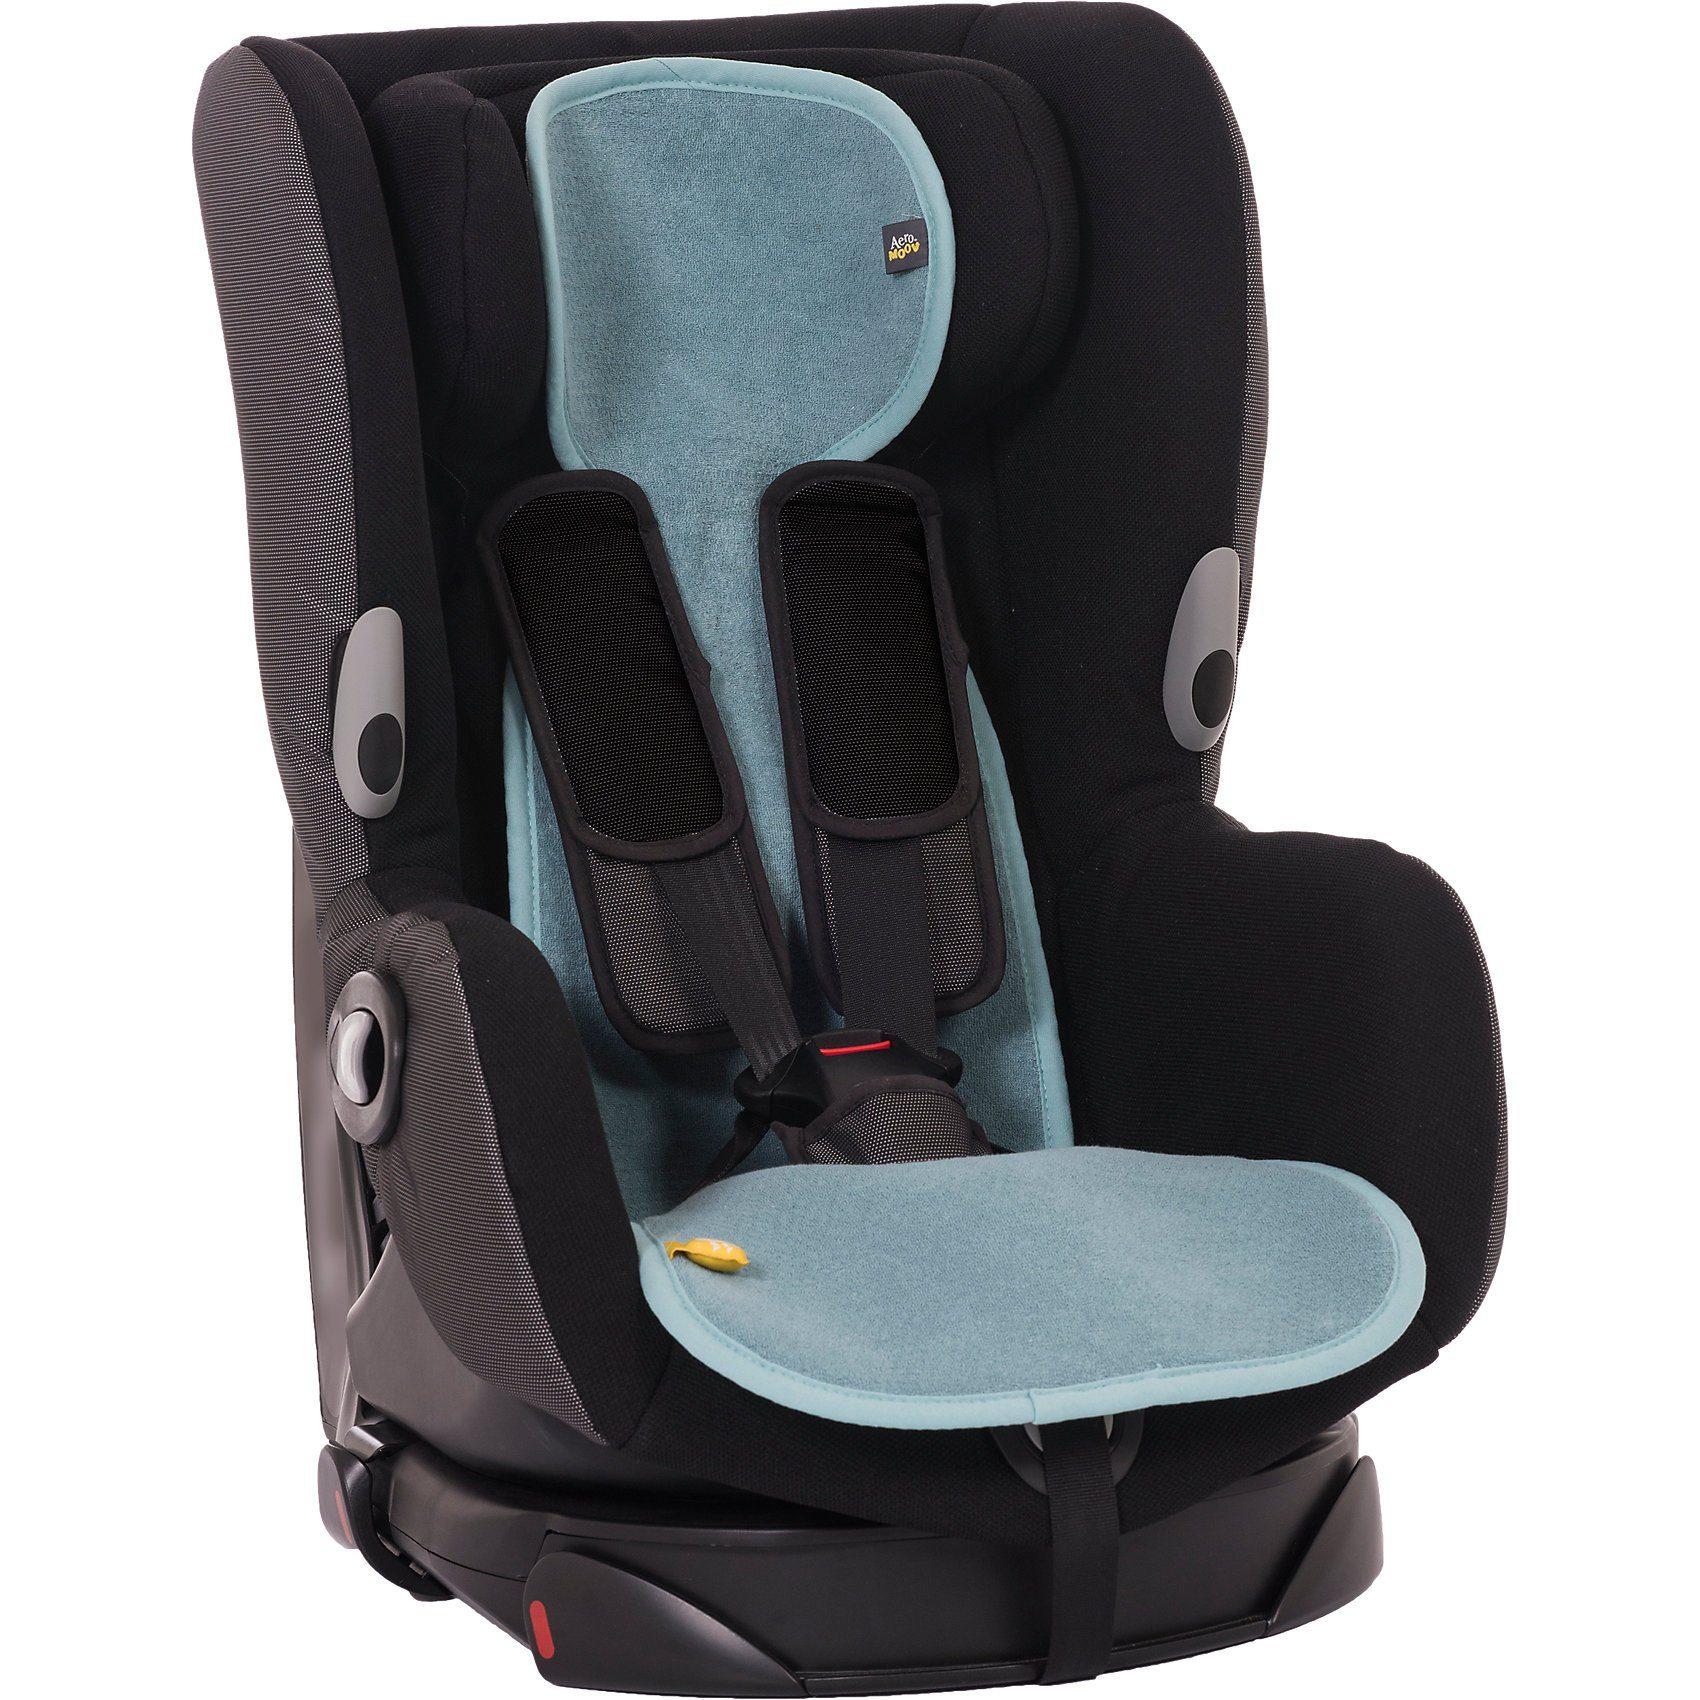 Sitzeinlage AeroMoov air layer für Auto-Kindersitz Gr. 1, Mi